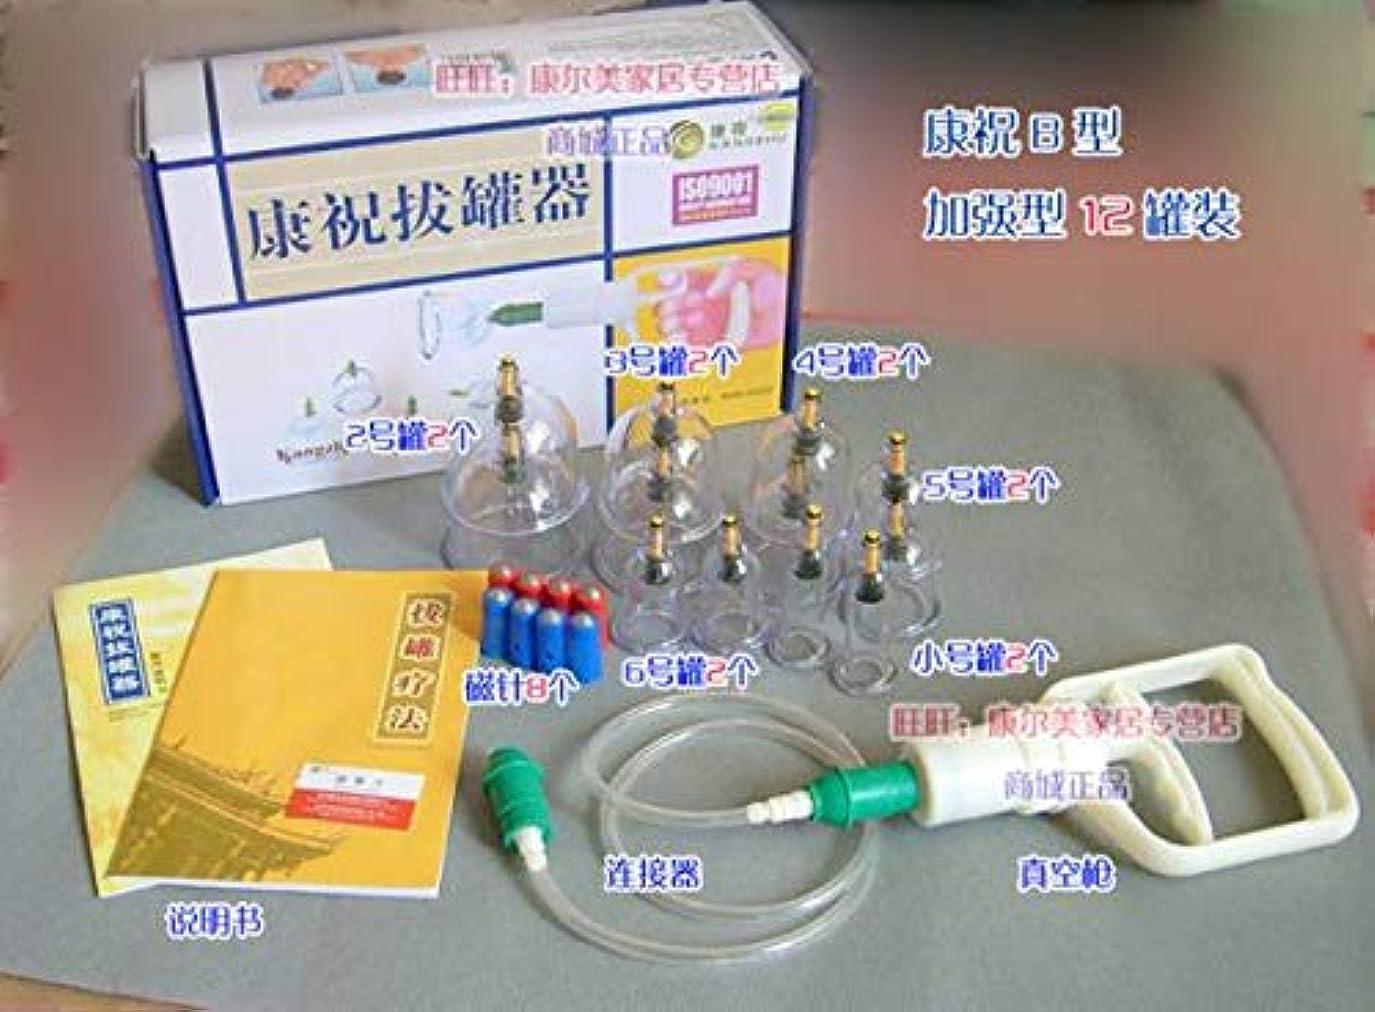 割合電化する後世話題の吸い玉、カッピング、吸引器/北京康祝抜罐器12PSセット